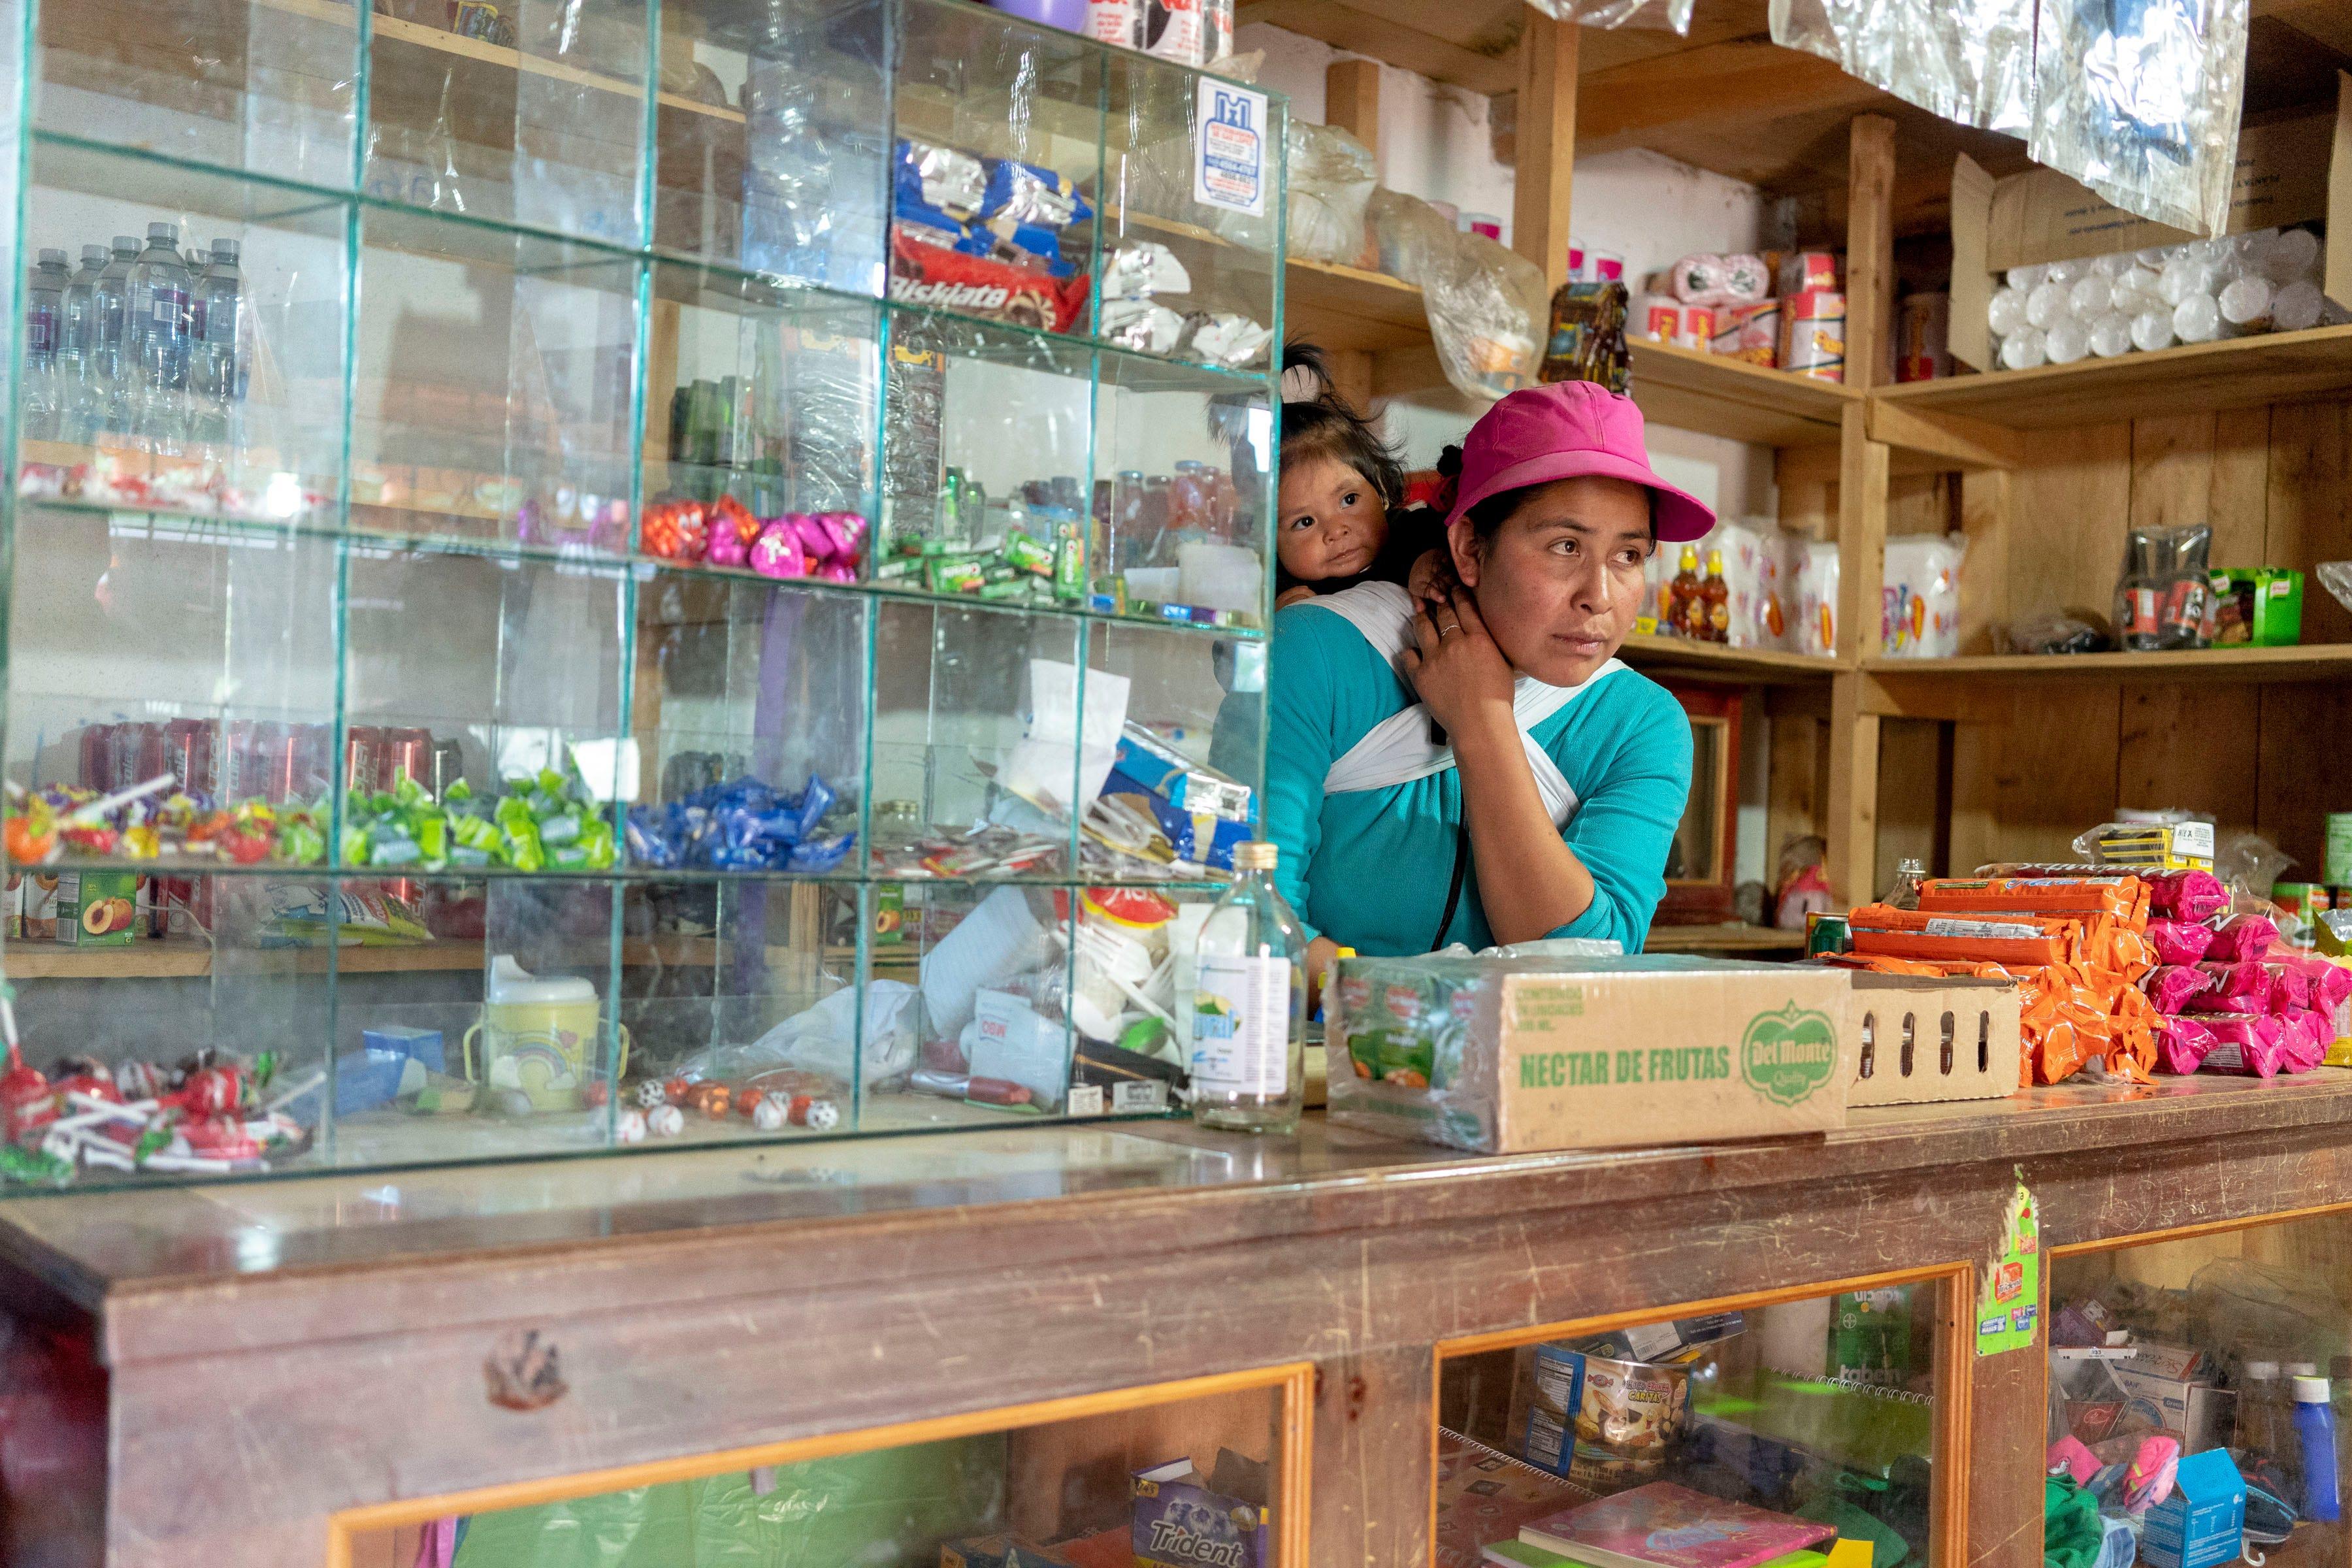 IXCHIGUAN, Guatemala – Cristina Roblero, 33,  tiene una pequeña tienda en el primer piso de su casa de madera con la que gana un poco de dinero extra. Roblero, una mujer indígena maya, está considerando hacer el viaje hacia los Estados Unidos con sus tres hijos, incluyendo a la pequeña Maddy, de un año, para escapar a la pobreza extrema en las tierras altas del oeste de Guatemala.